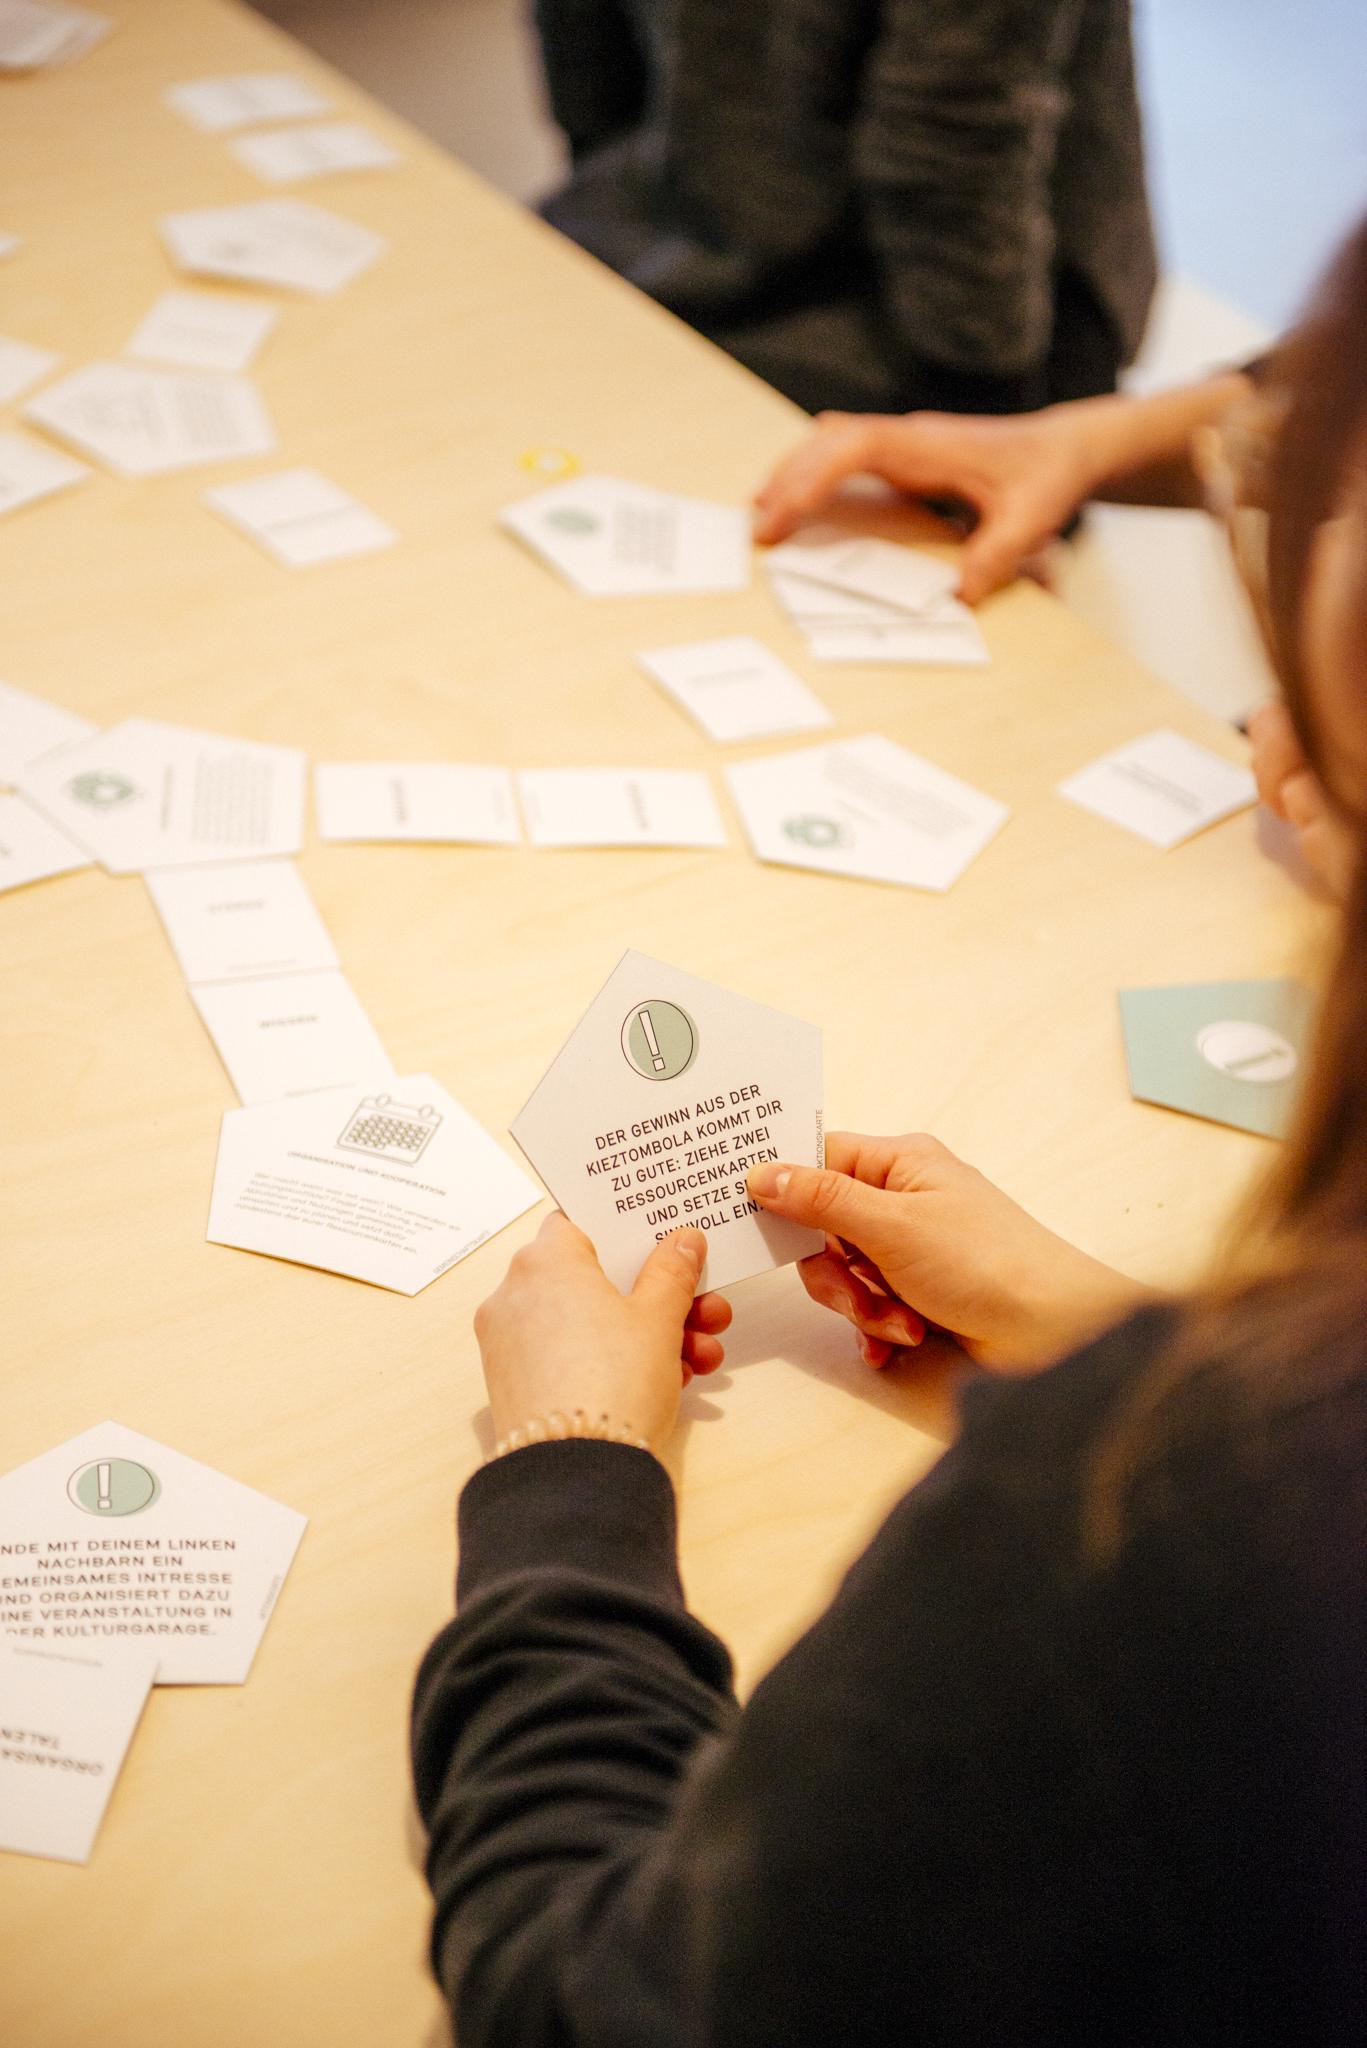 Spieleabend: ein eigens konzipiertes Spiel hilft beim Community Building